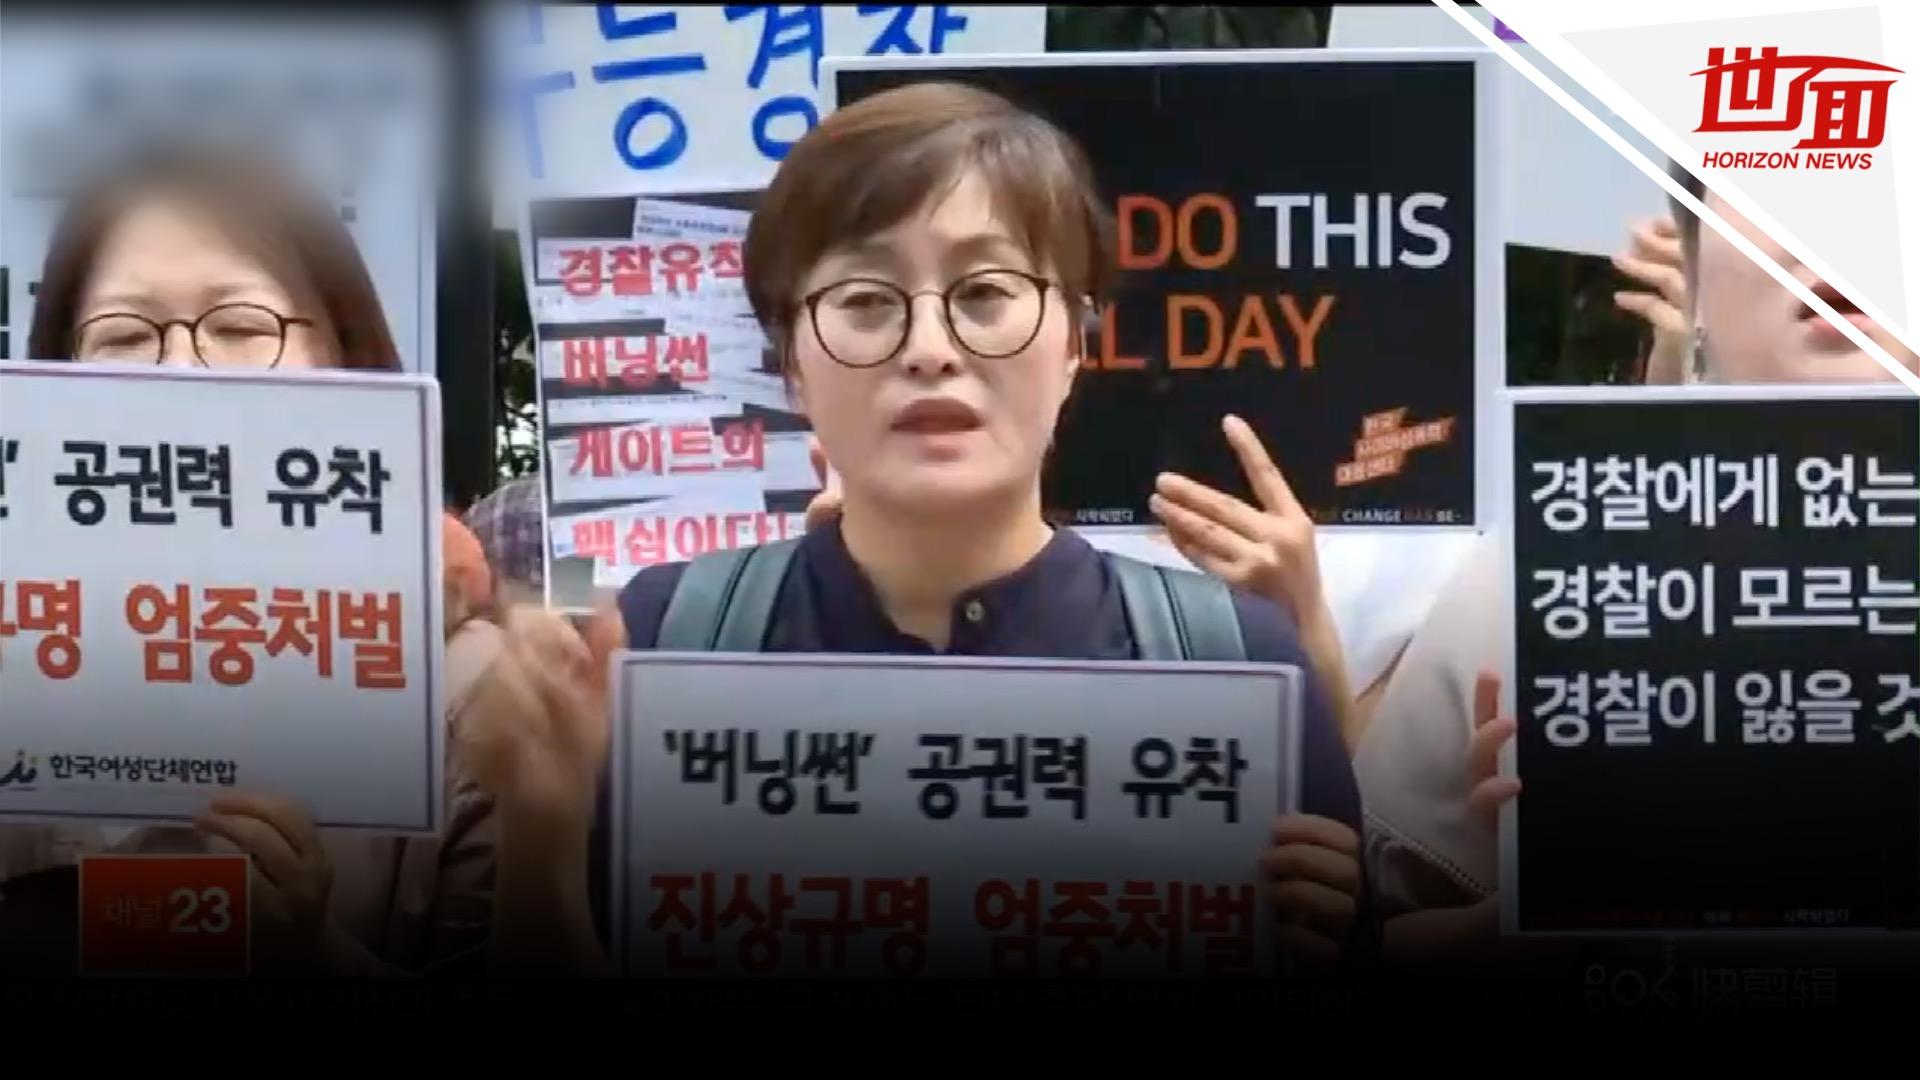 不满胜利夜店门调查结果 韩国女性团体在青瓦